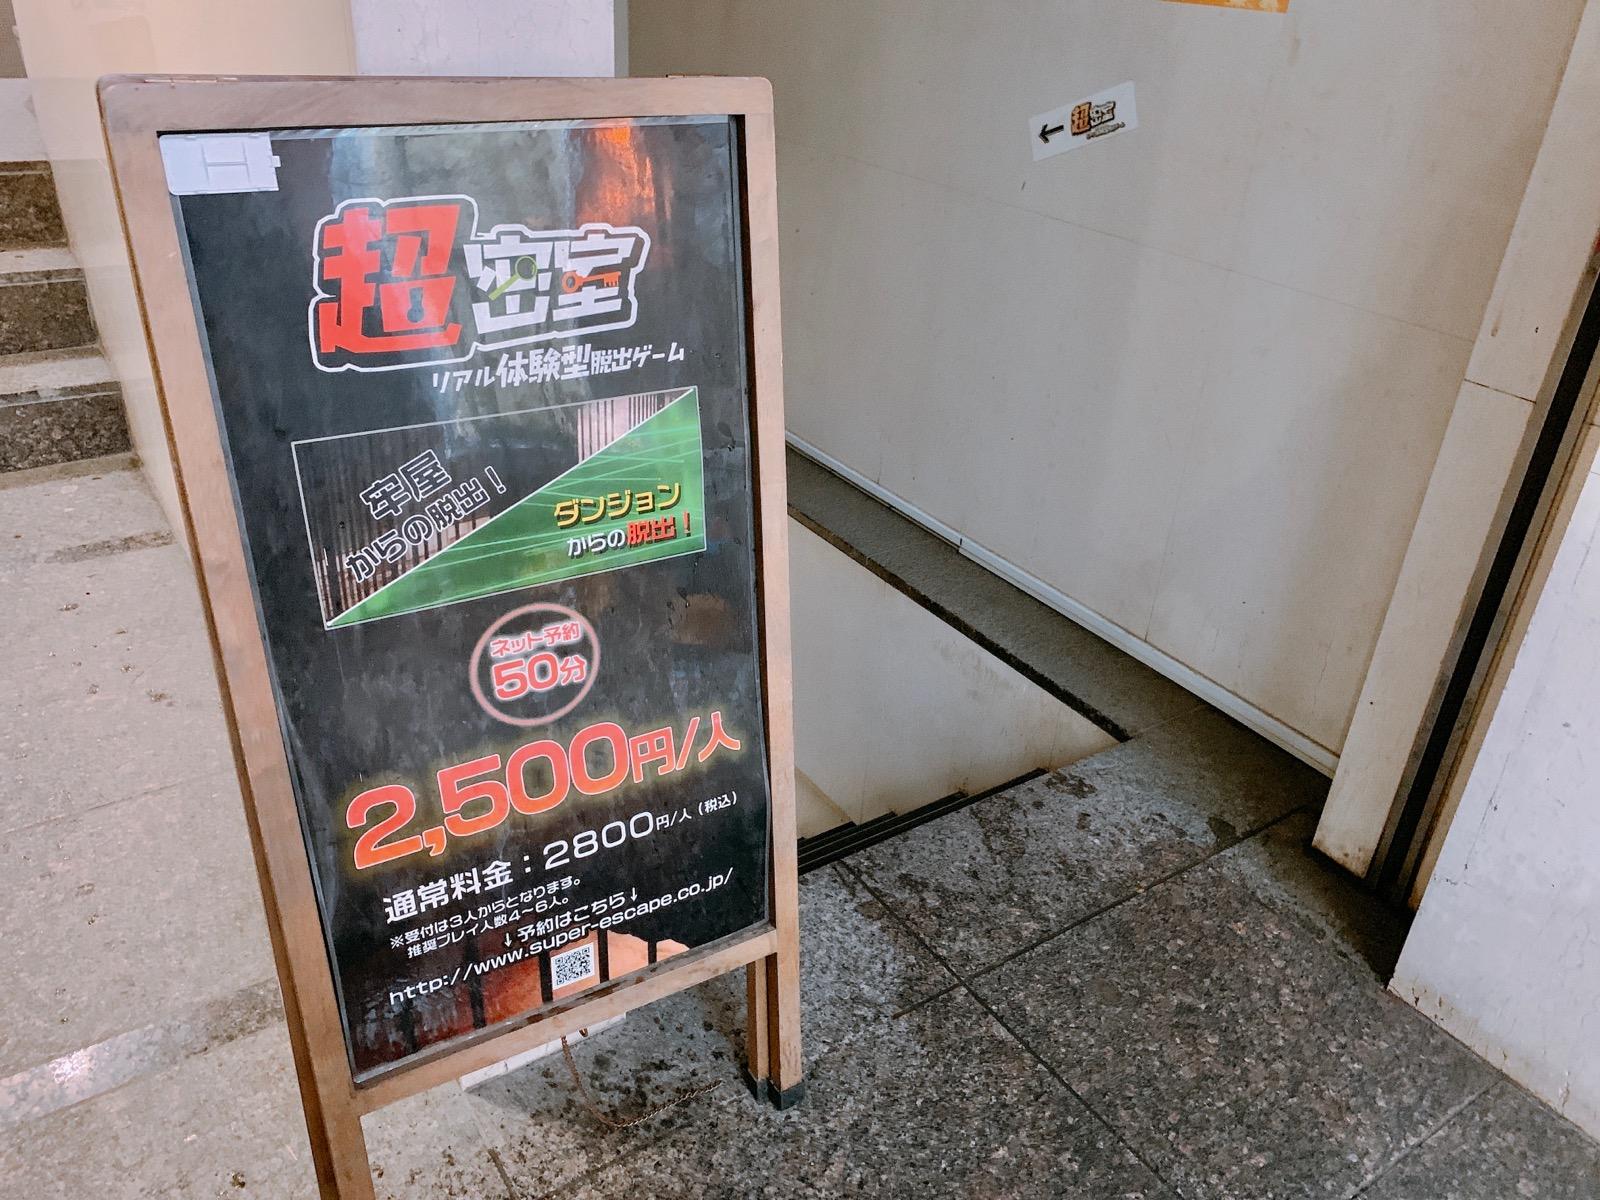 【新宿】超密室リアル体験型脱出ゲーム「ダンジョンからの脱出II」体験レポート☆【前編】